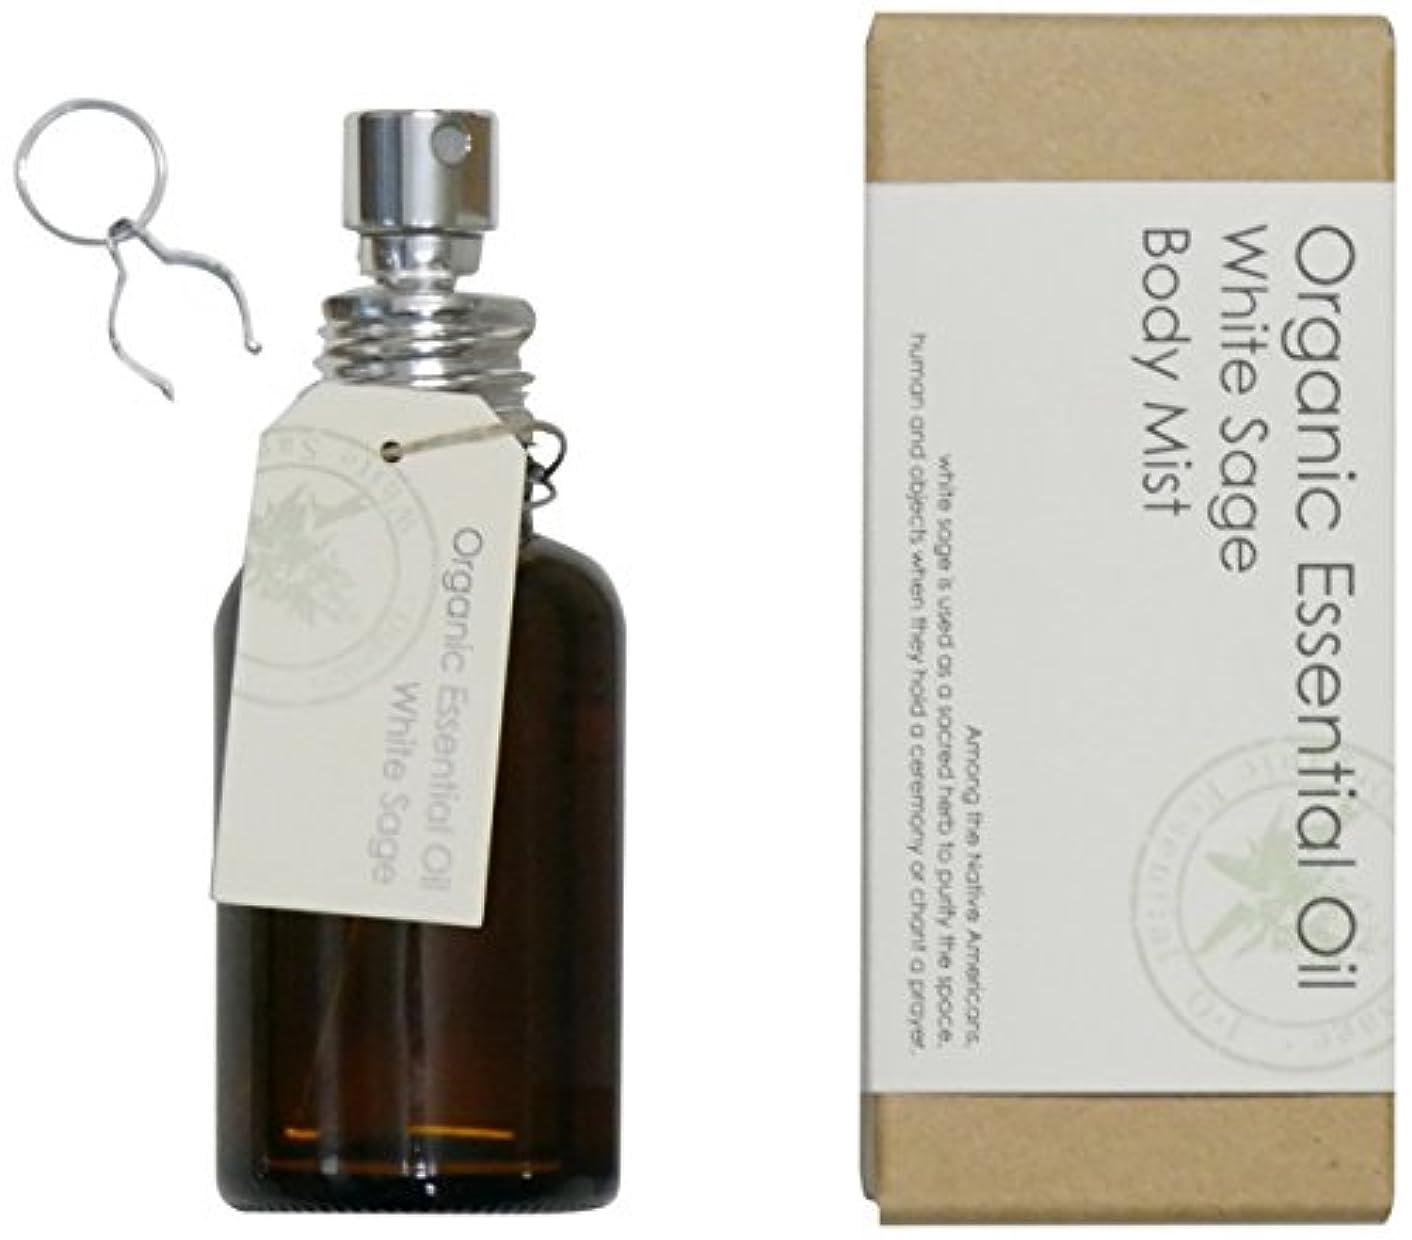 ルーフ暴露高くアロマレコルト ボディミスト ホワイトセージ 【White Sage】オーガニック エッセンシャルオイル organic essential oil natural body mist arome recolte